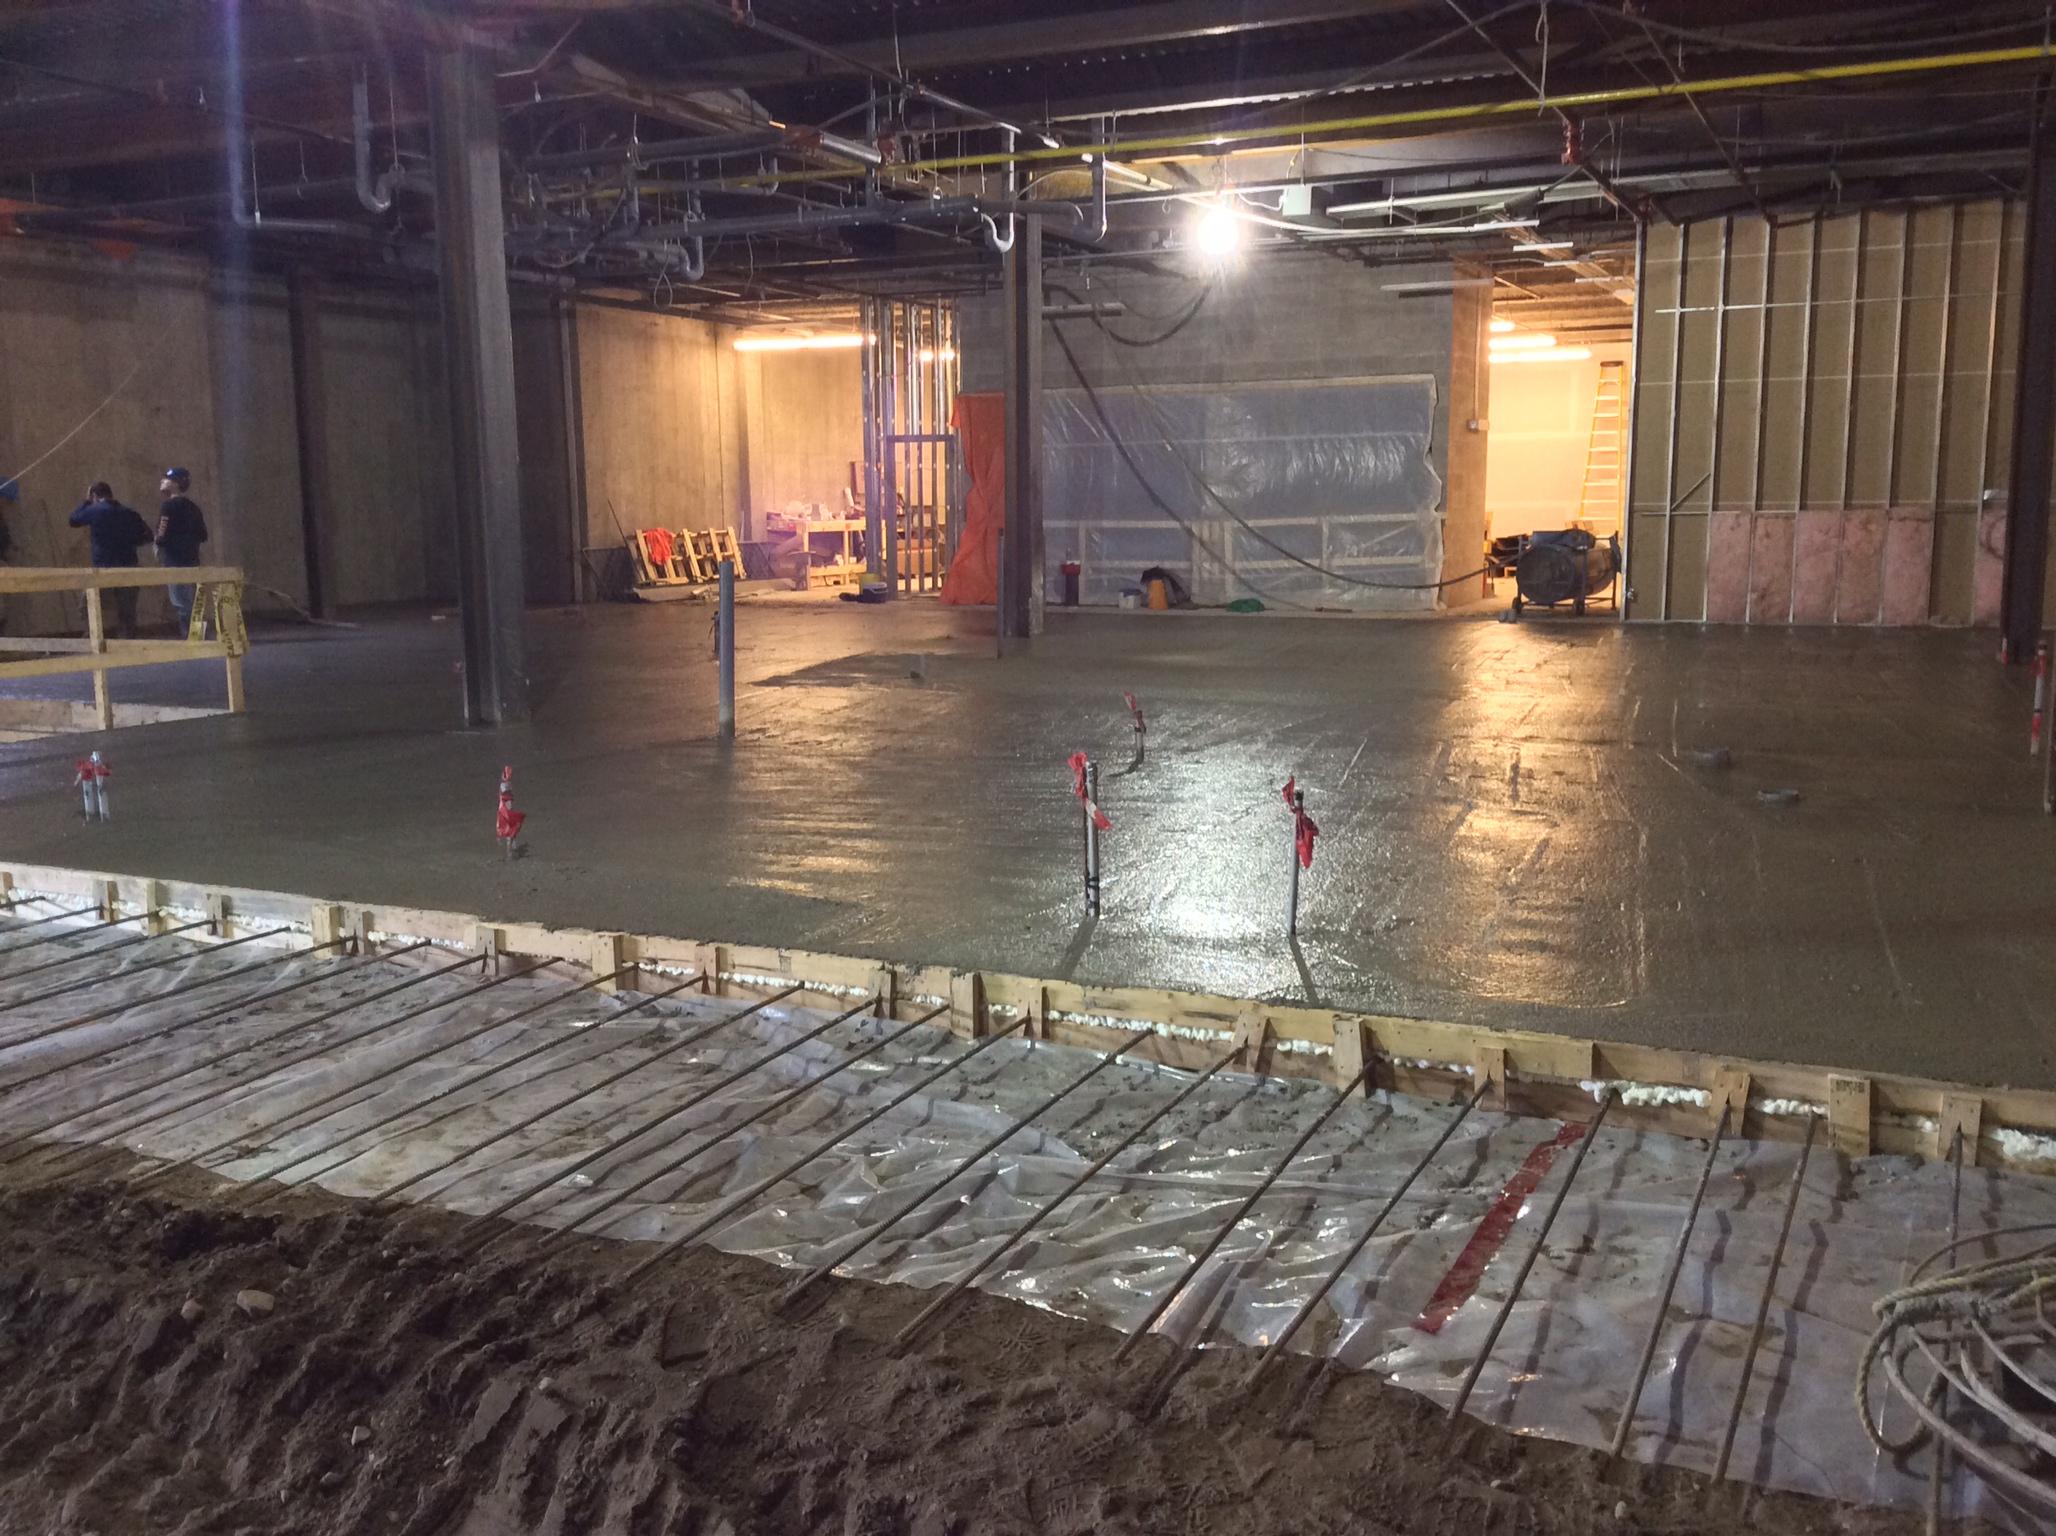 Freshly poured concrete floor